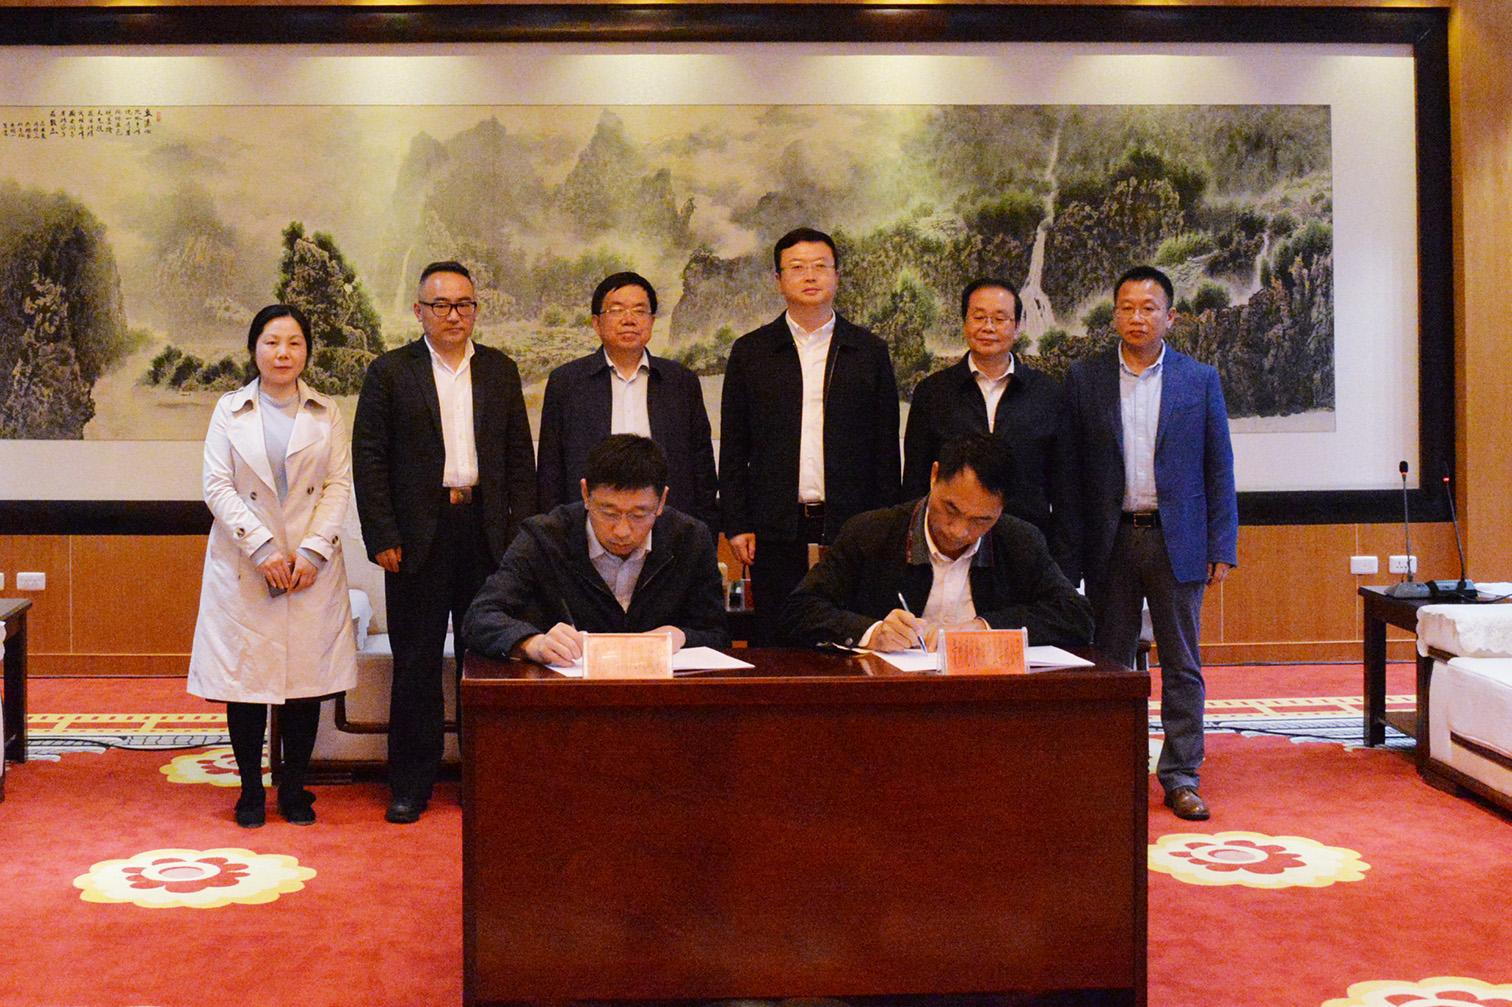 永利55402开户注册與黔東南州政府簽署戰略合作協議